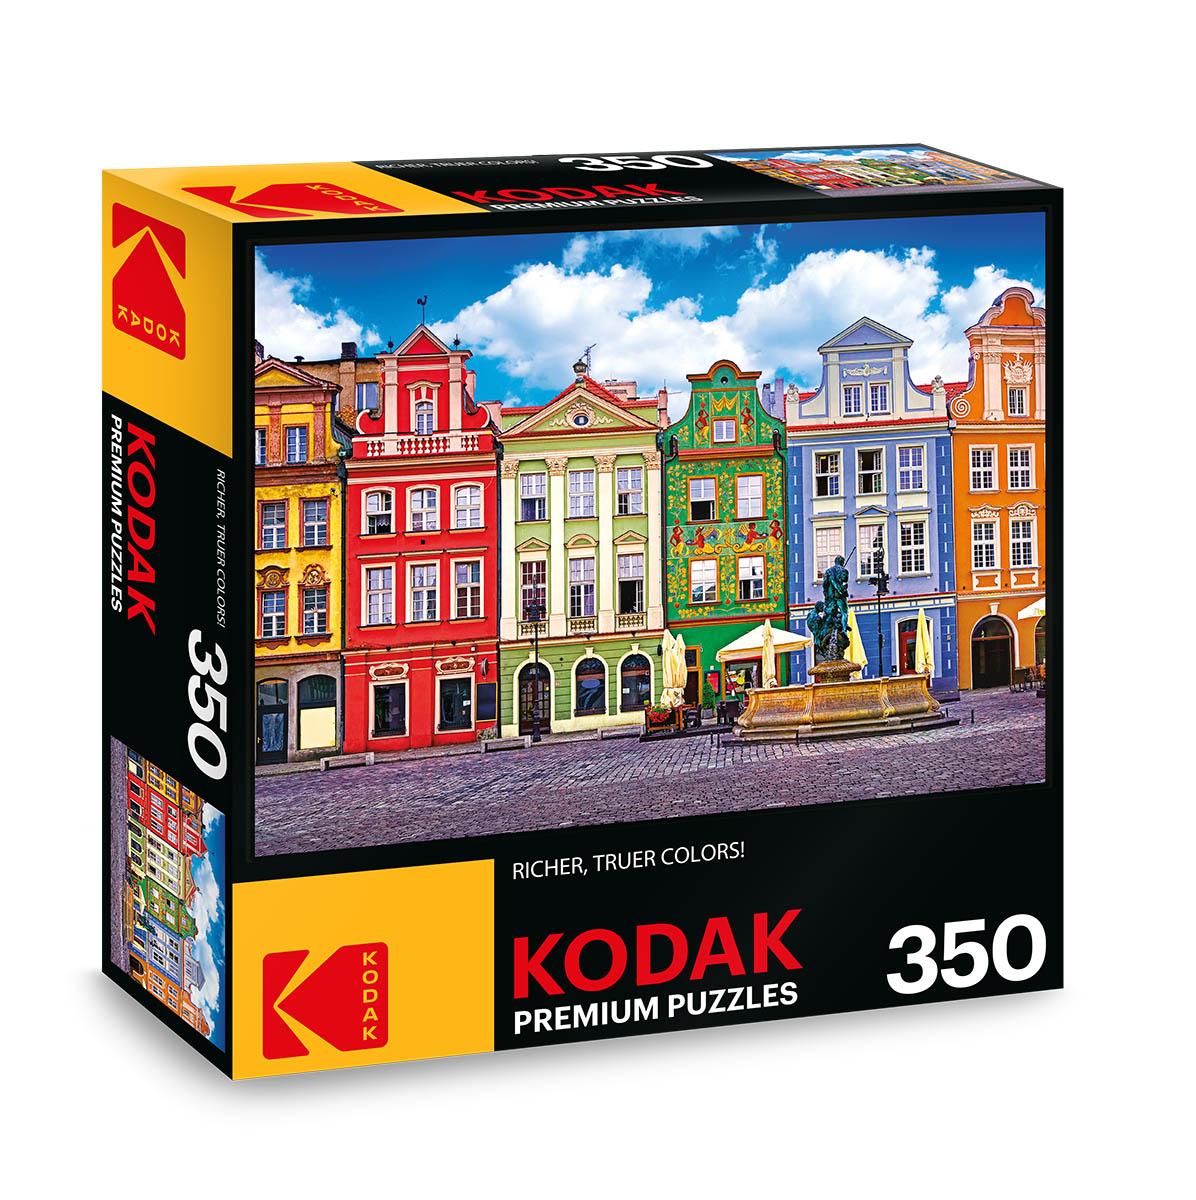 KODAK Premium Puzzles - Colorful Buildings, Ponzan, Poland Photography Jigsaw Puzzle